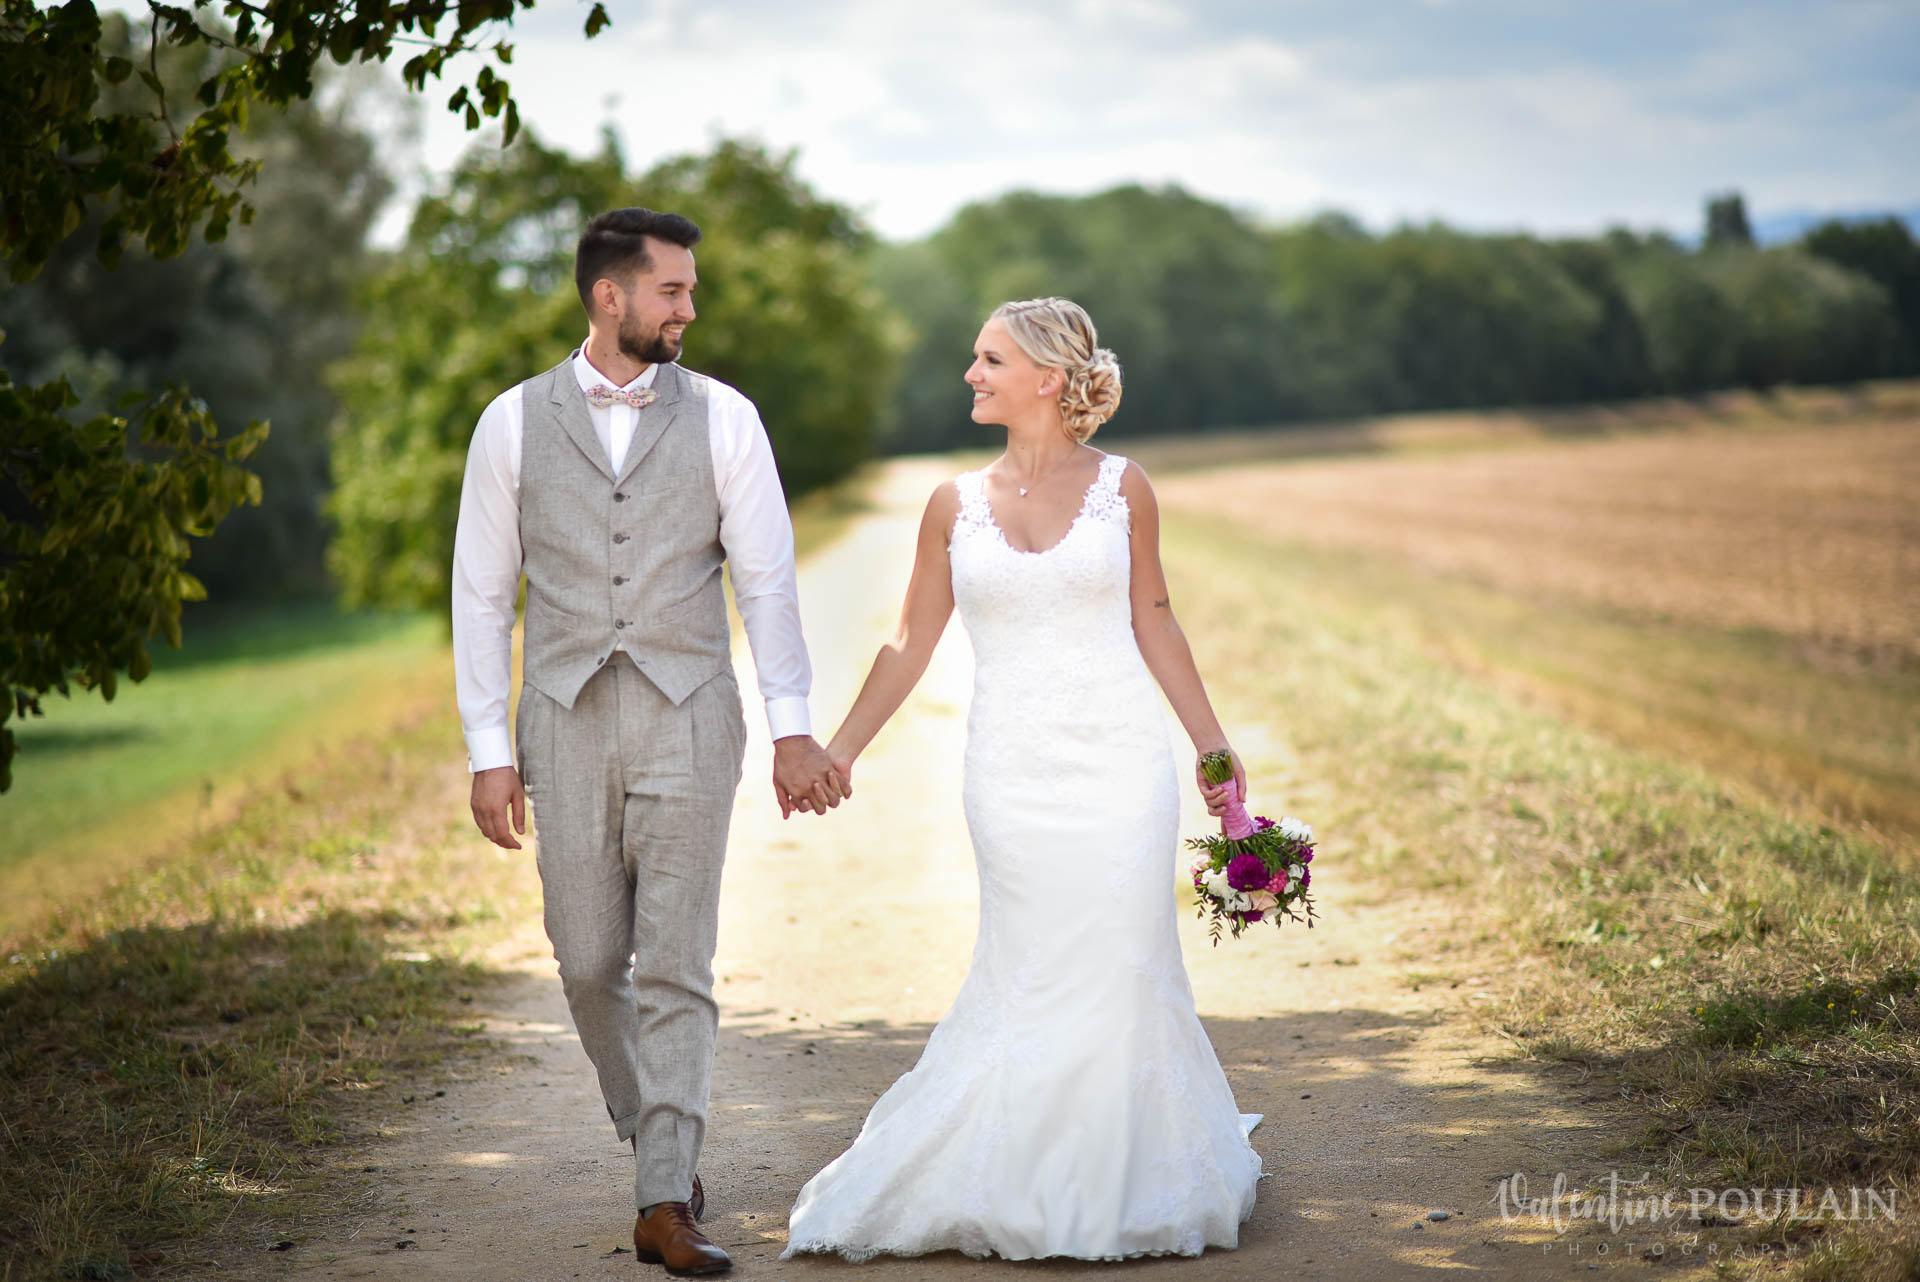 Mariage père marie fille - Valentine Poulain marcher